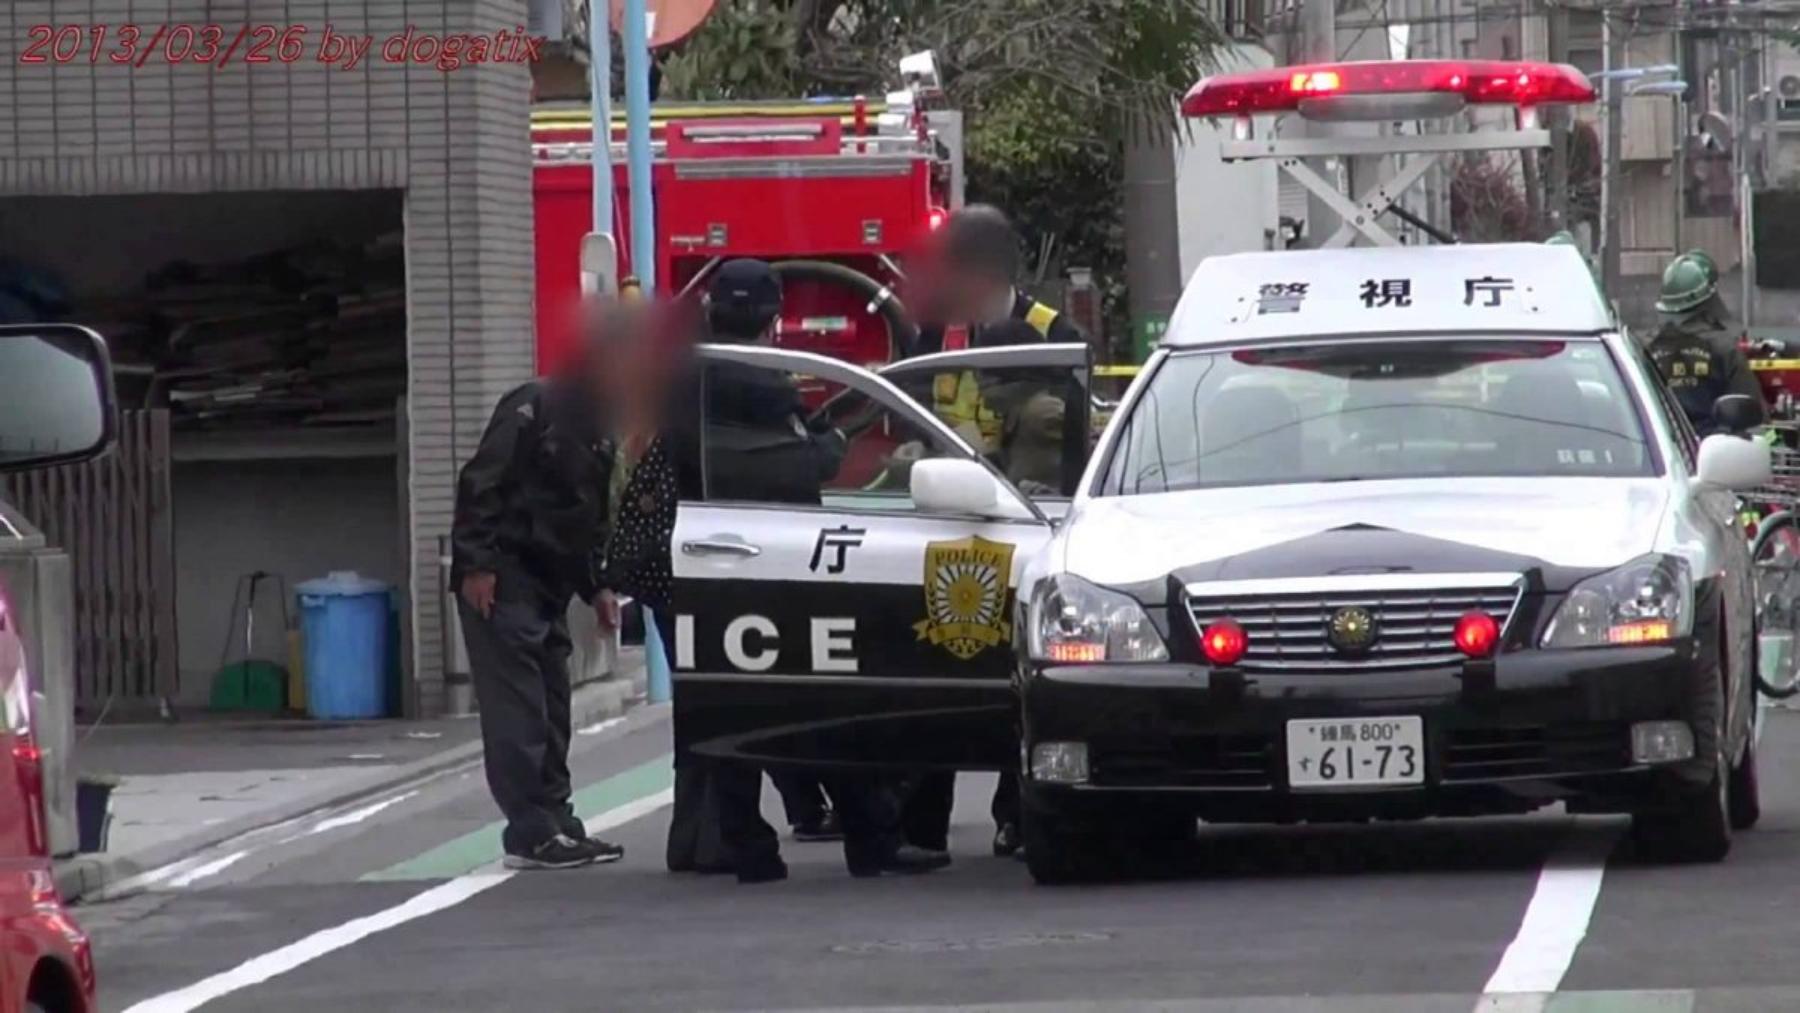 JAPONIA: Numărul sinuciderilor, la cel mai scăzut nivel din ultimii peste 40 de ani